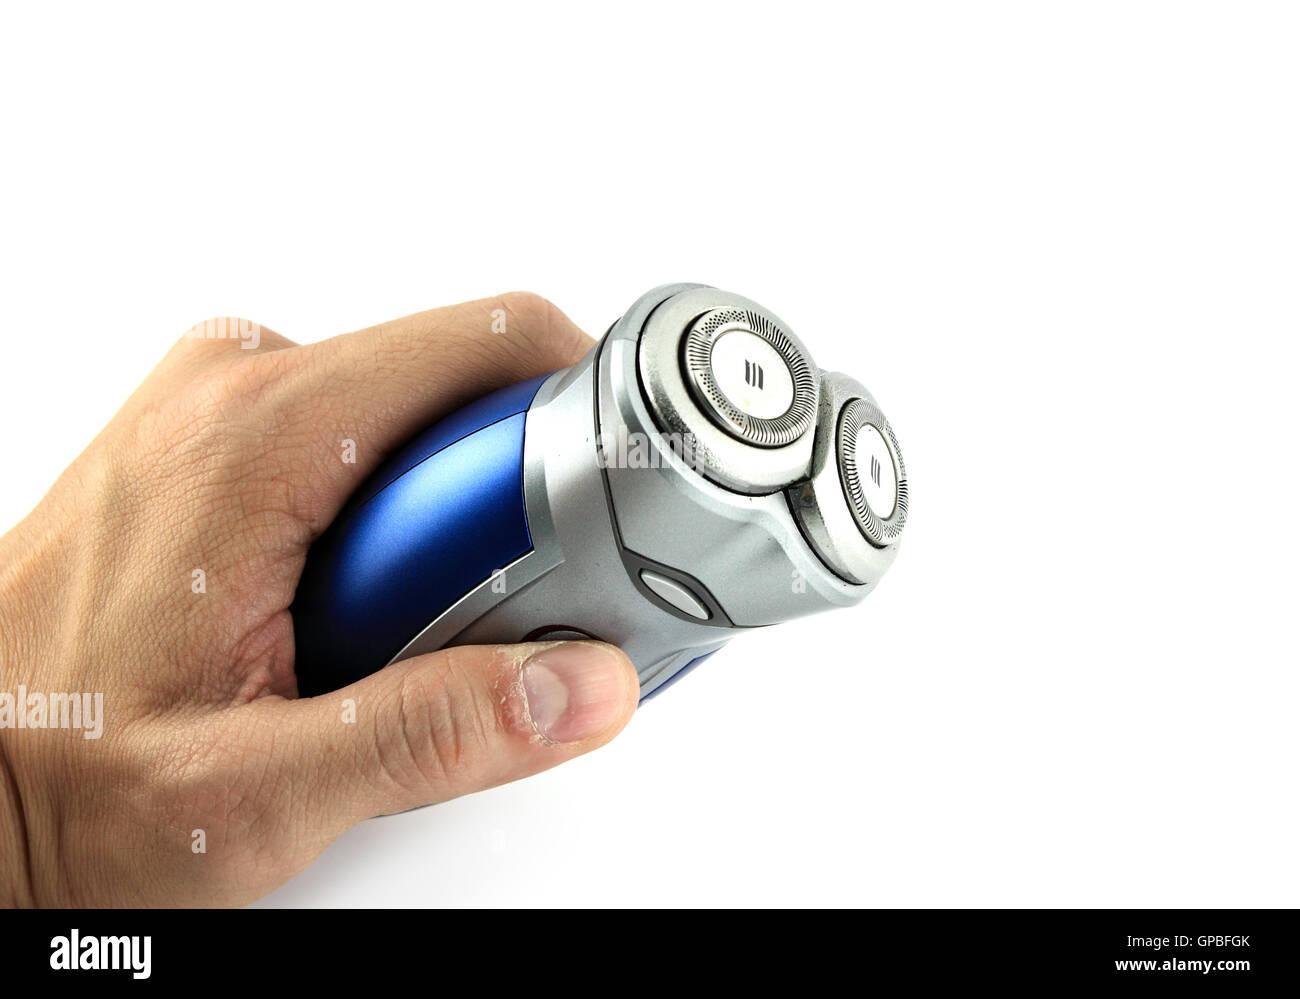 Afeitadora eléctrica sosteniendo en la mano aislada con fondo blanco.  Imagen De Stock 3336712d1366